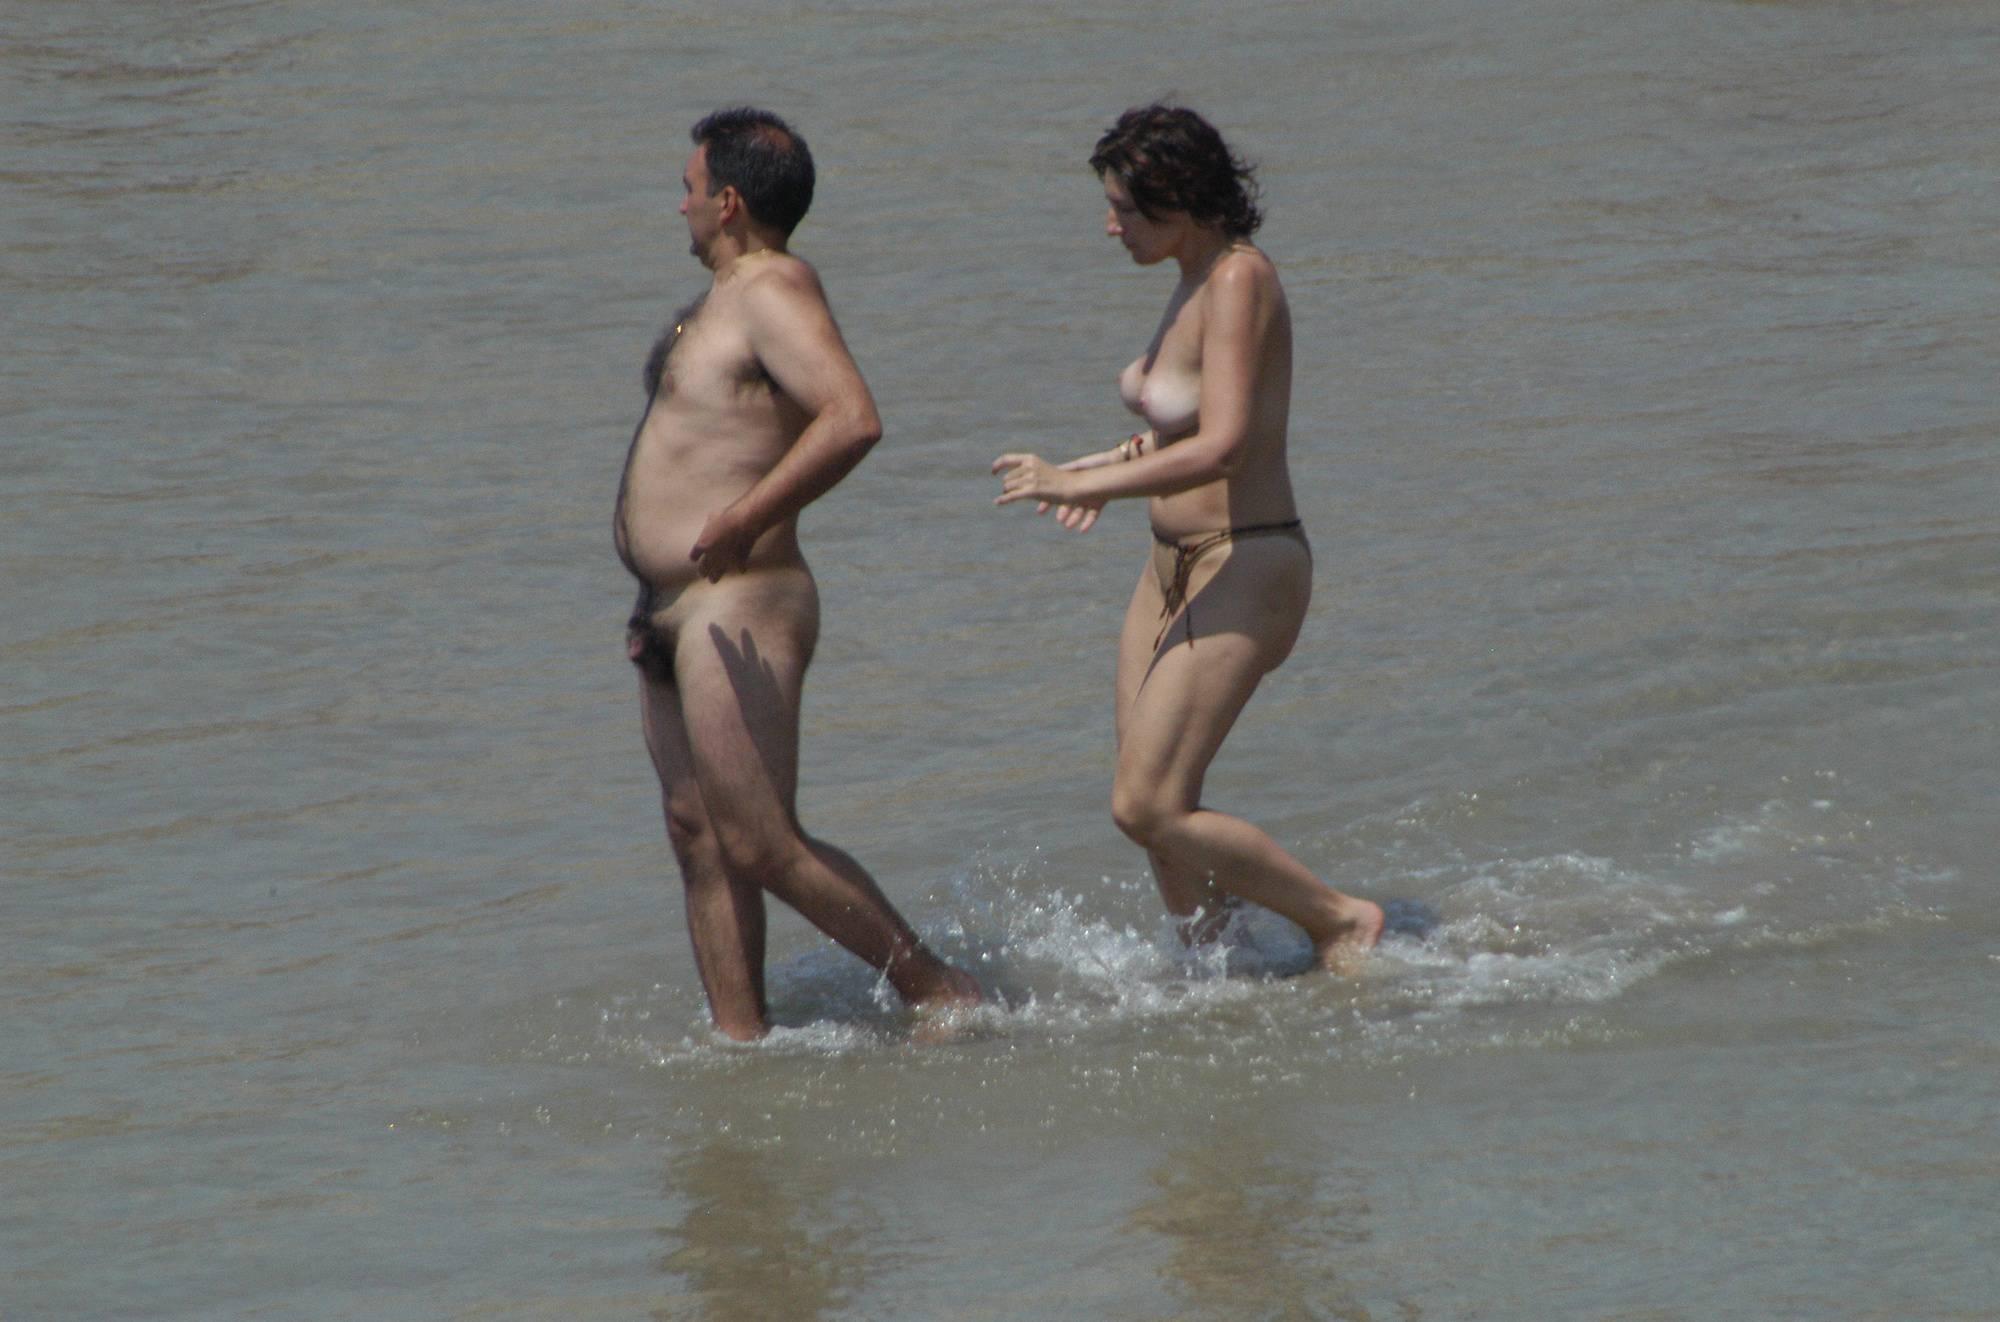 Nudist Gallery Sitges Topless Beach - 2